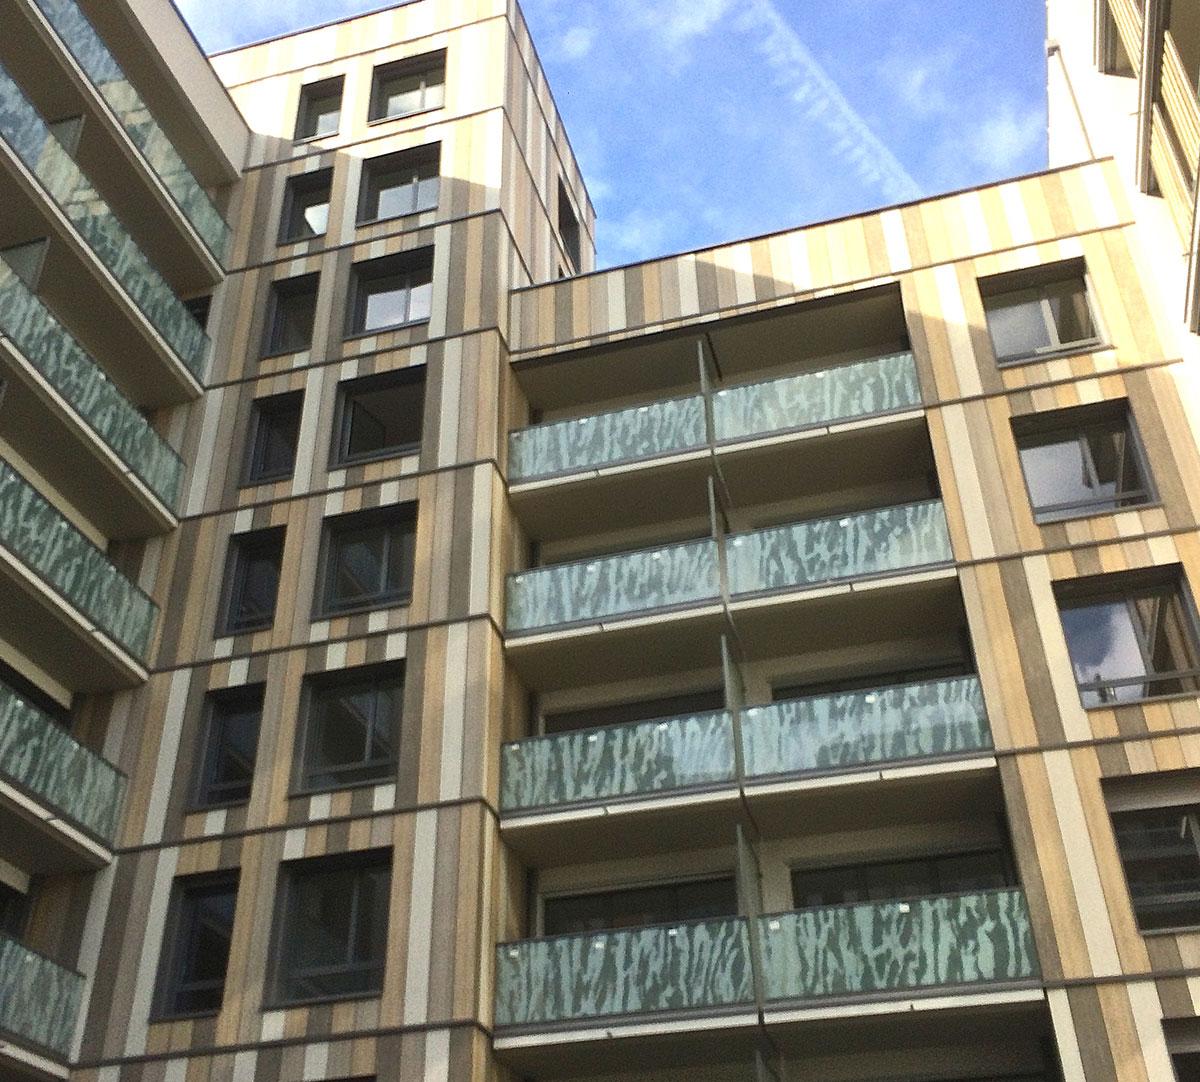 Réalisation Encadrement de fenêtres et couvertines d'acrotères sur bardage bois : image 2